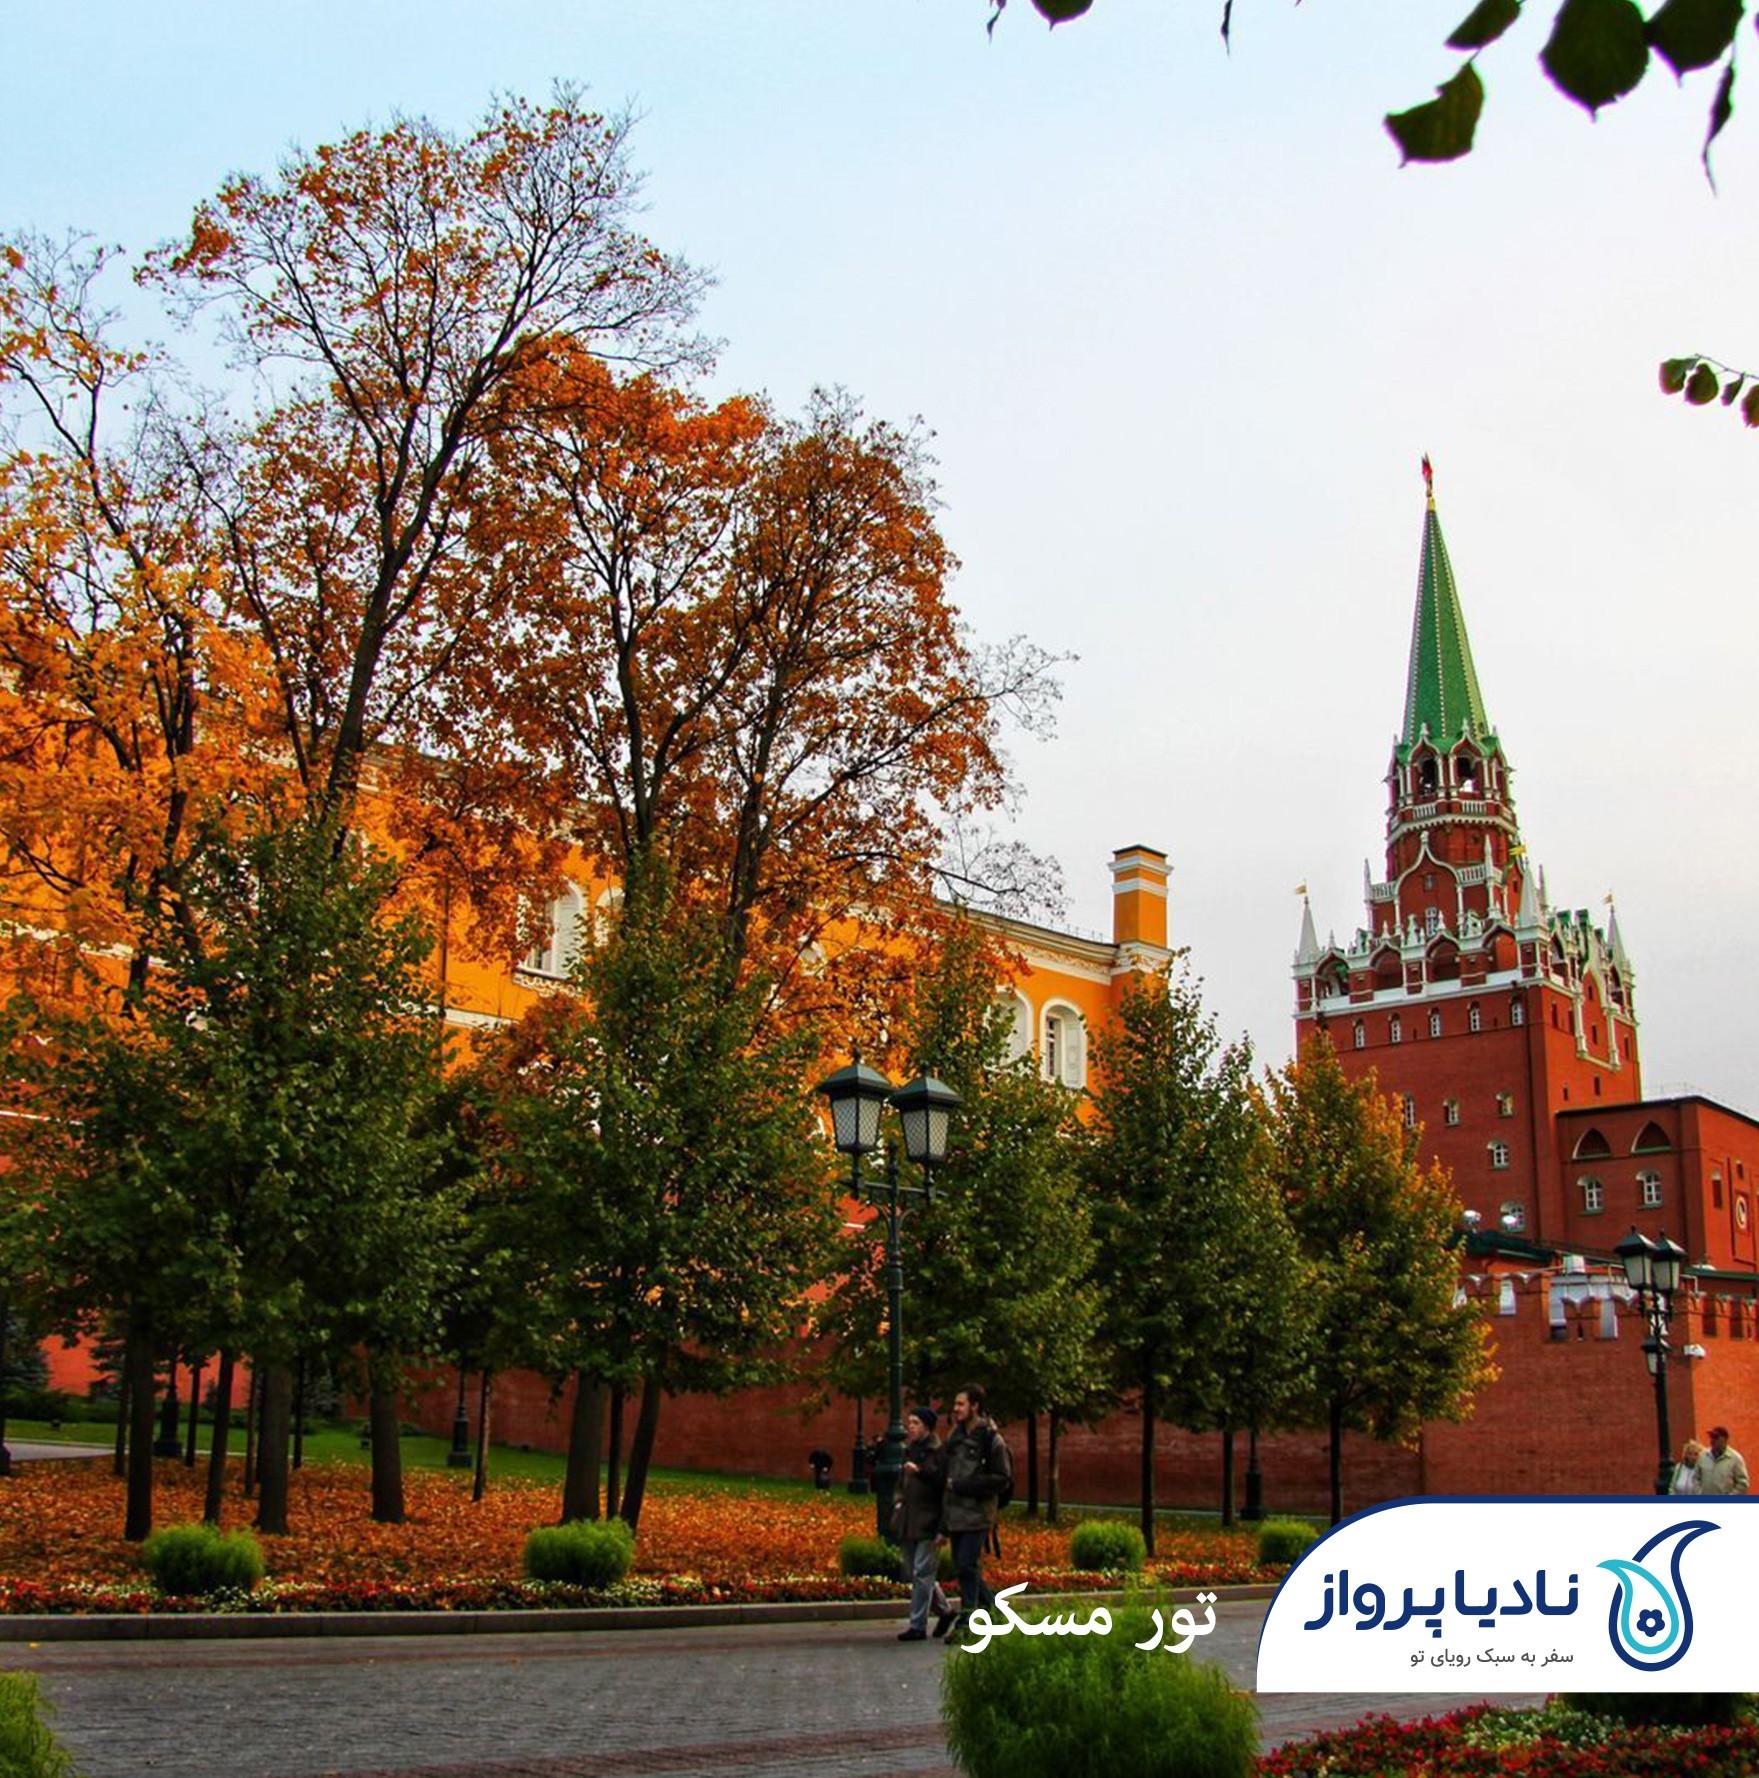 با تور مسکو به نقطهی صفر زمین سفر کنید